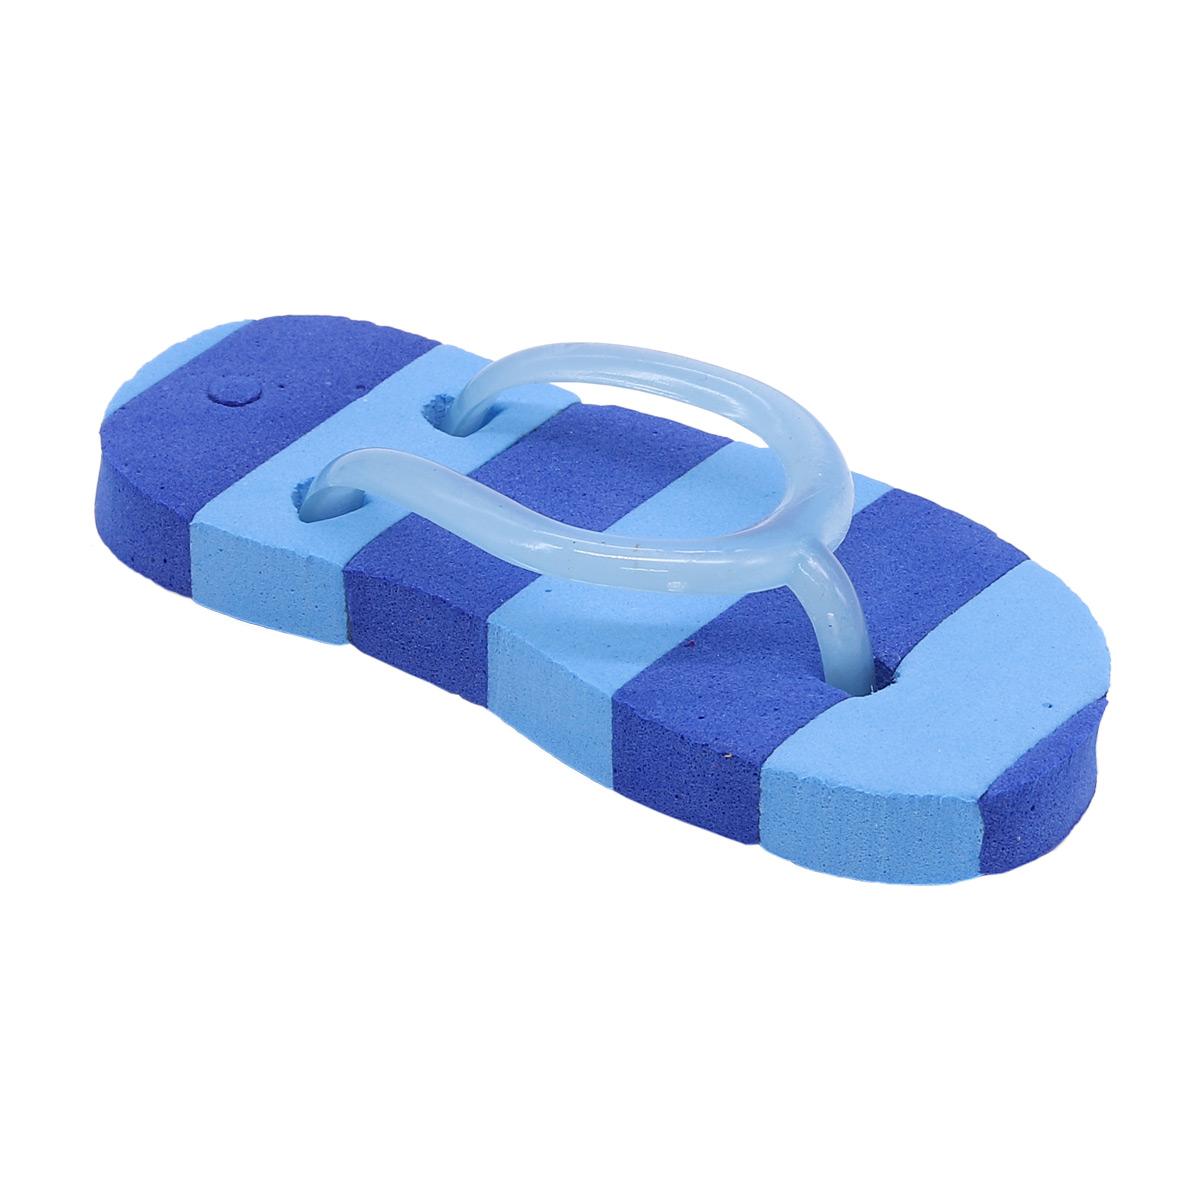 AR1057 Сланцы полосатые для брелка 7*3,5см (синий)